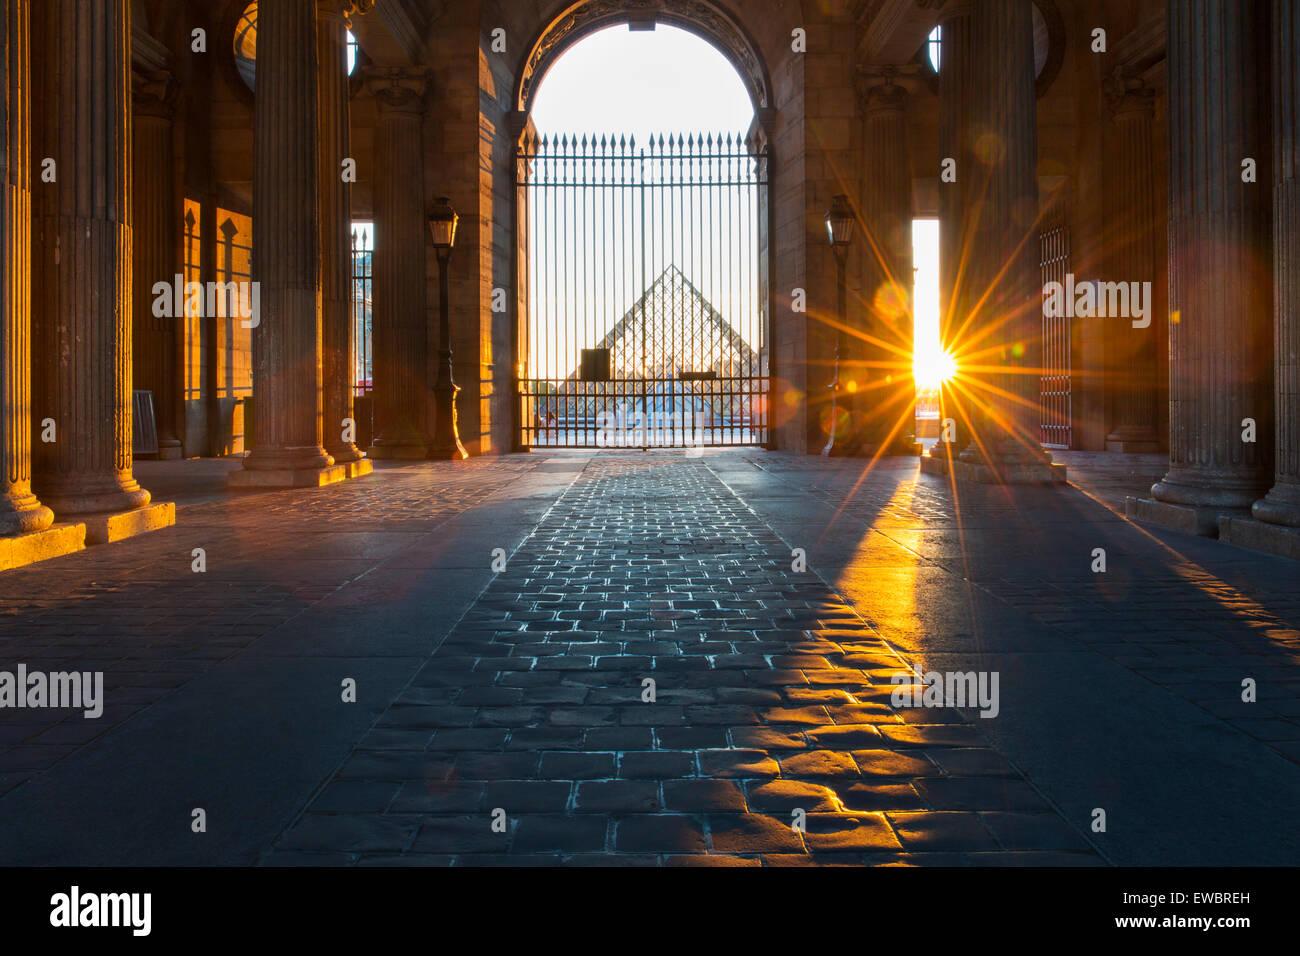 Tramonto a cancelli di entrata al Musee du Louvre, Parigi, Francia Immagini Stock